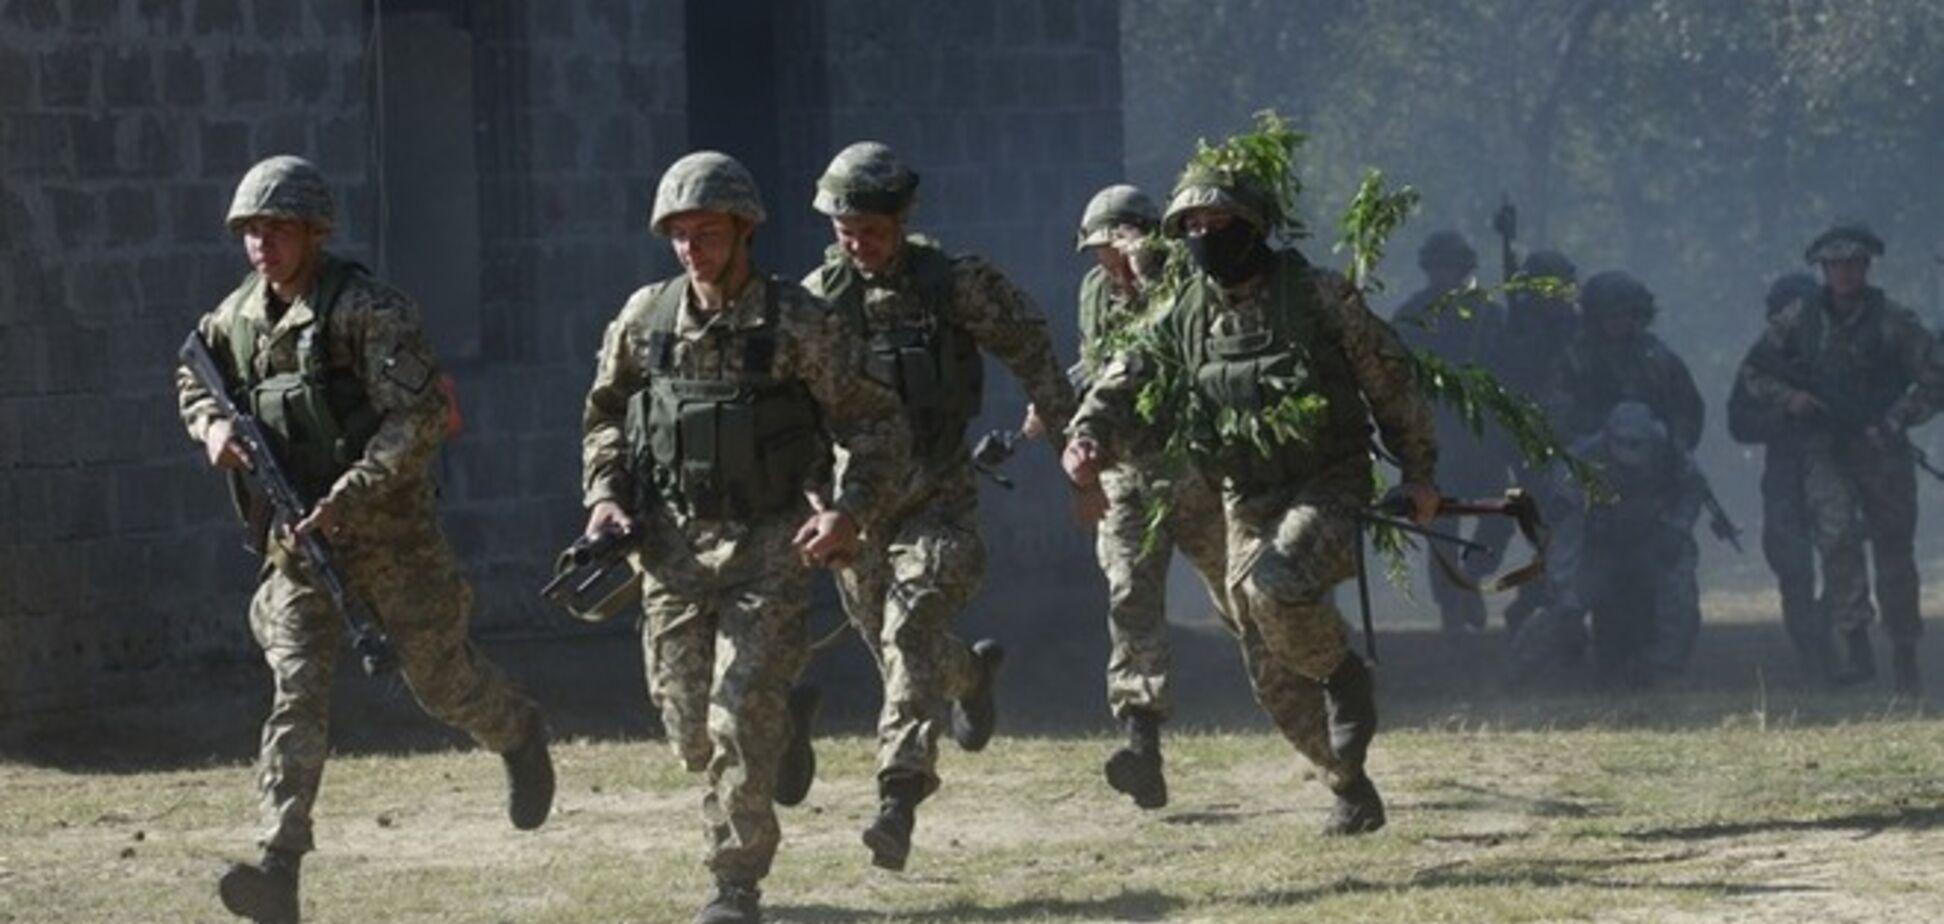 Российский публицист доказал, что Украина выигрывает войну на Донбассе